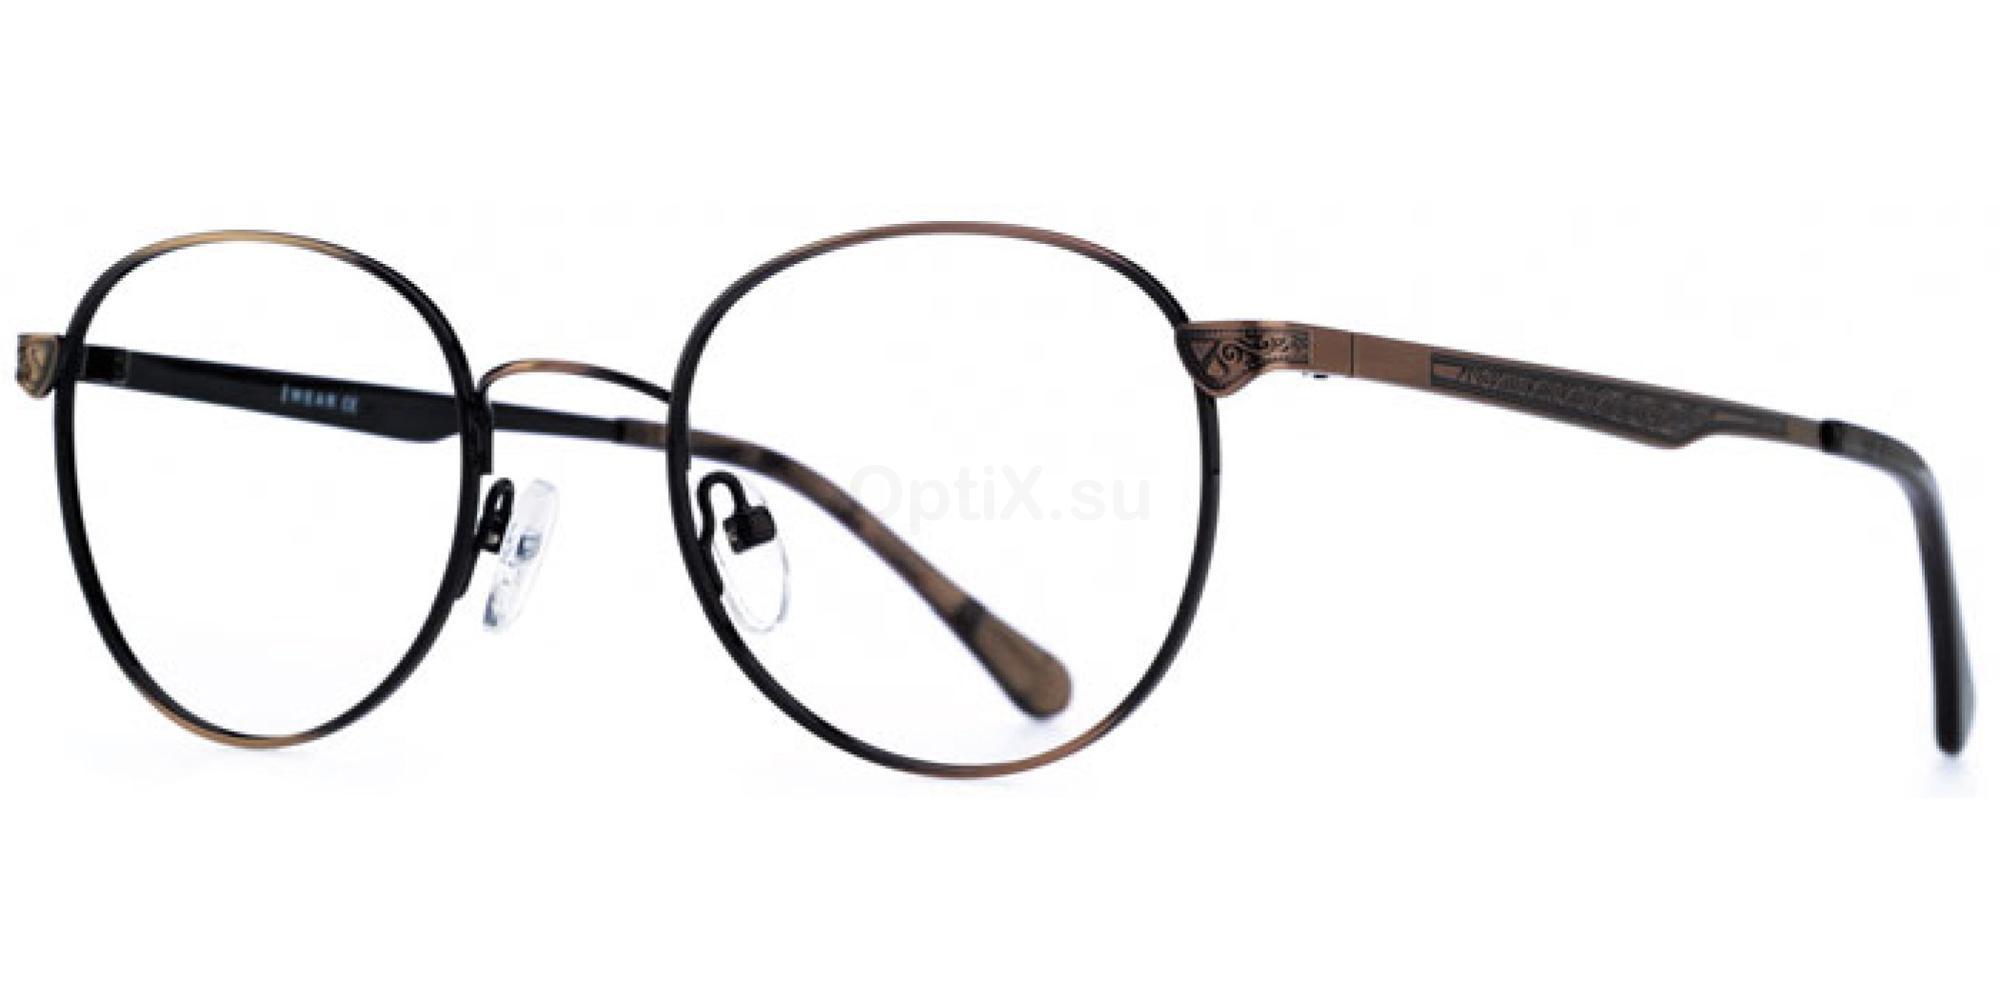 C1 i Wear 6060 Glasses, i Wear